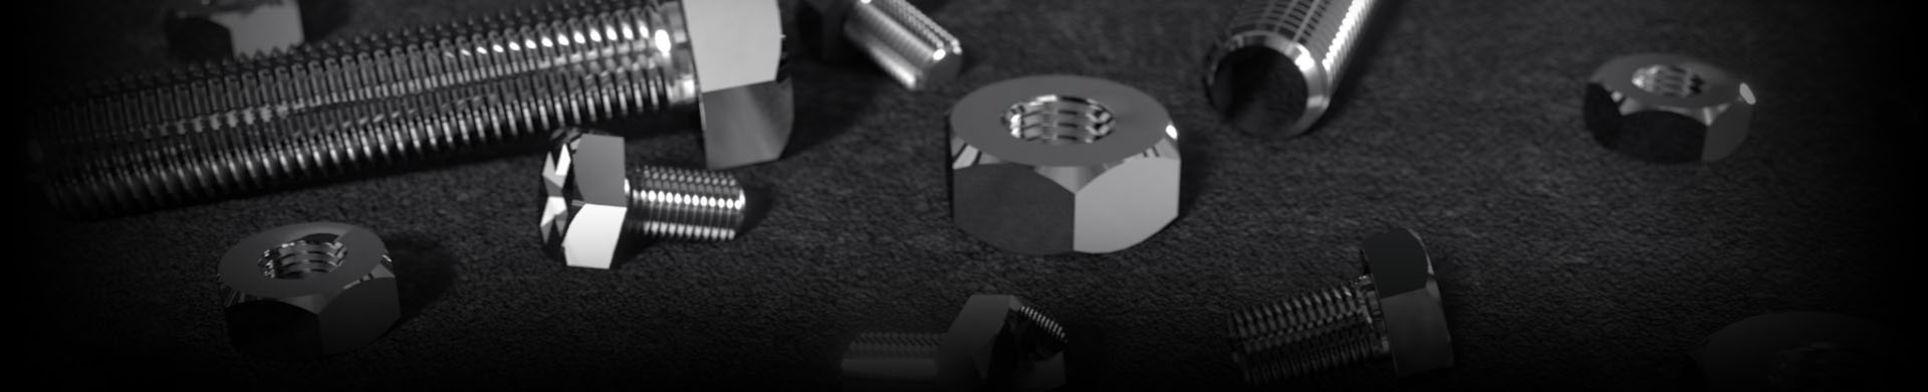 visserie acier inox et titane perc e pour motos de comp tition accessbk. Black Bedroom Furniture Sets. Home Design Ideas